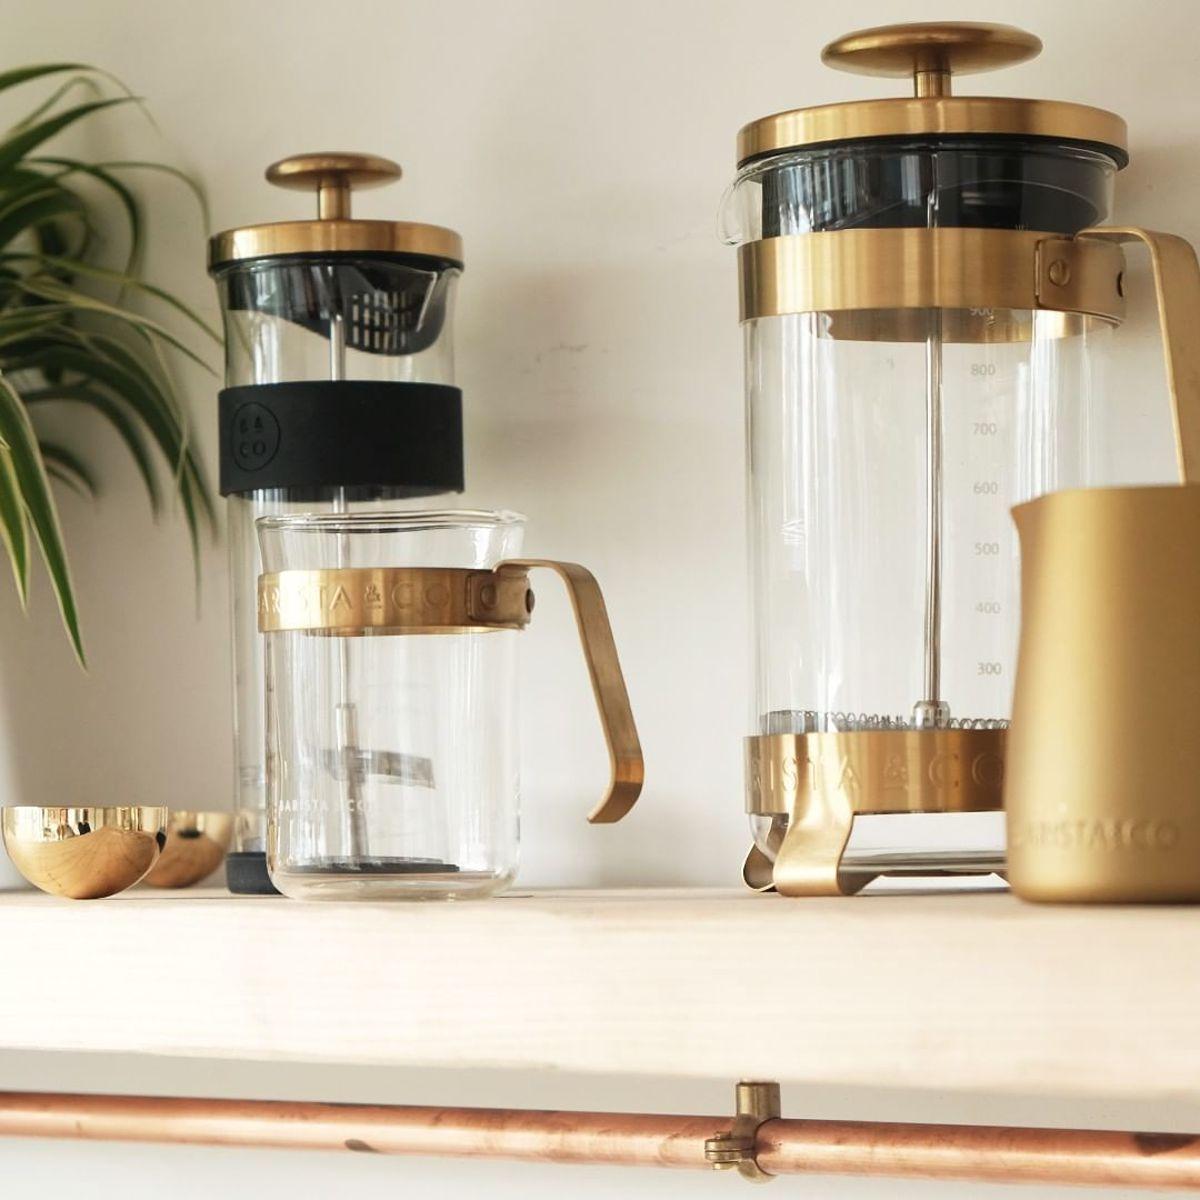 8カップ用 手軽に香り高いコーヒーが淹れられる 洗練されたデザインの フレンチプレス 8cup Plunge Pot 2020 フレンチプレス コーヒー コーヒー 淹れ方